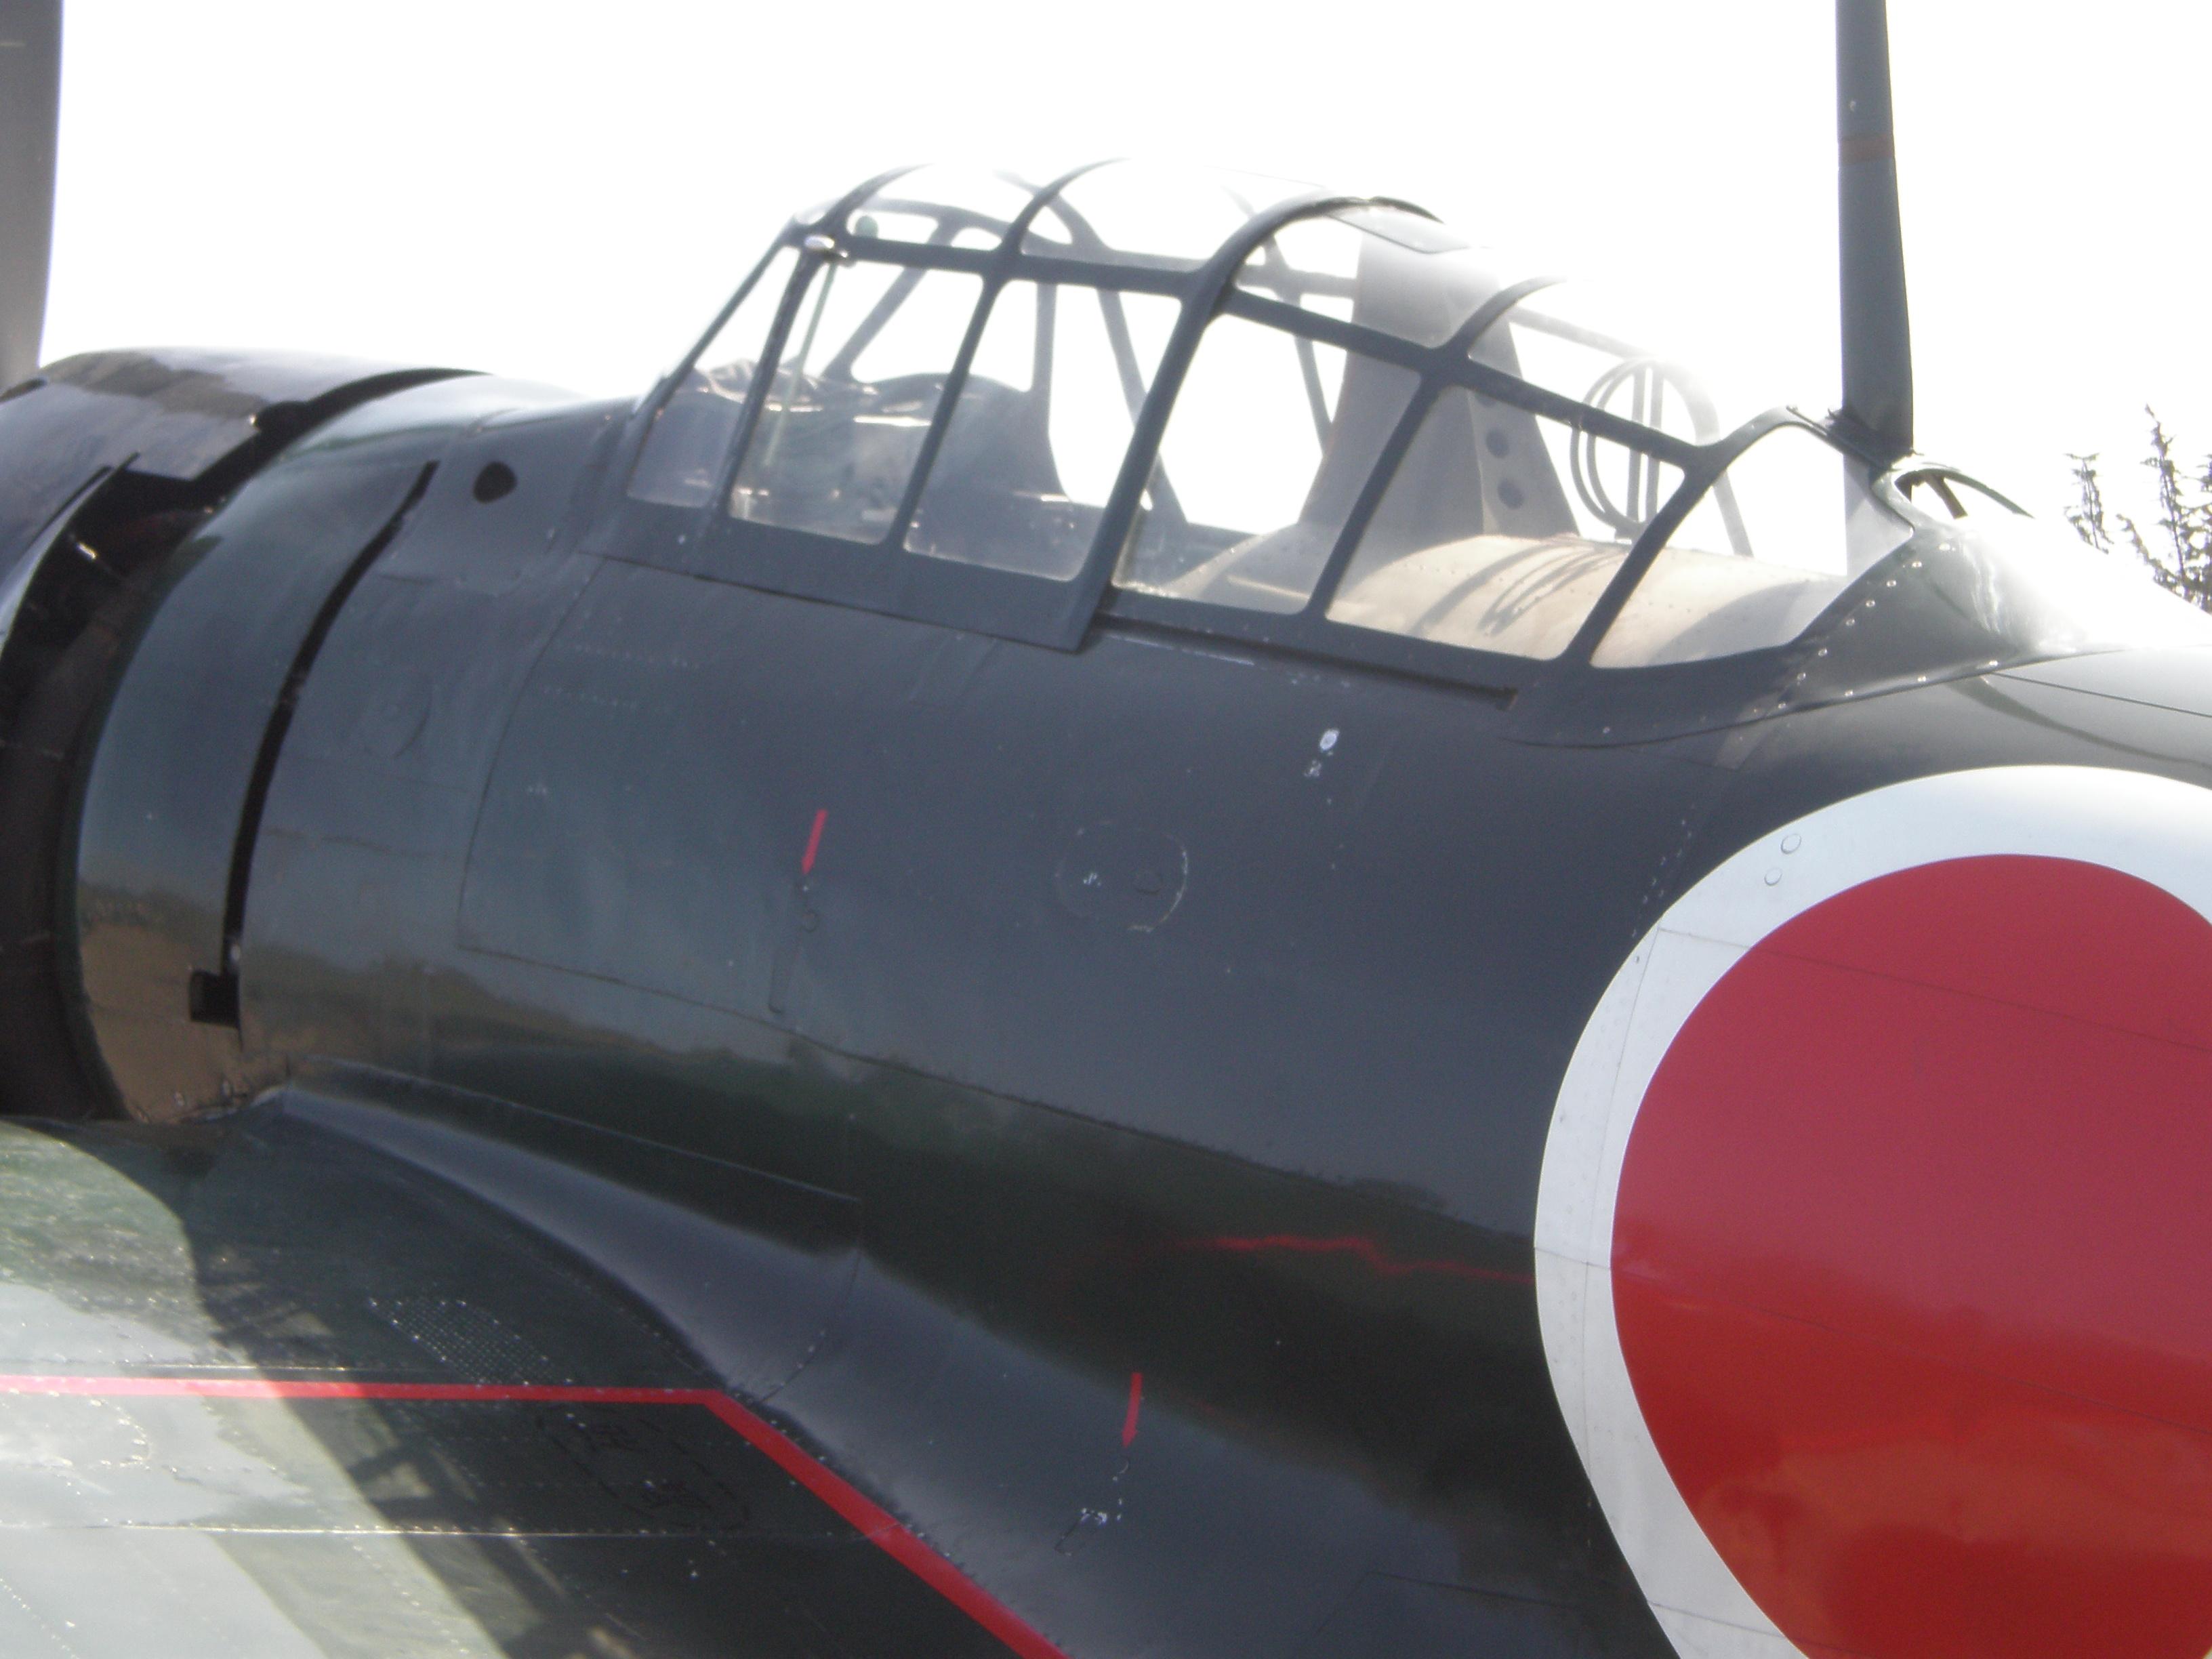 File:Mitsubishi A6M Zero X-133 cockpit.JPG